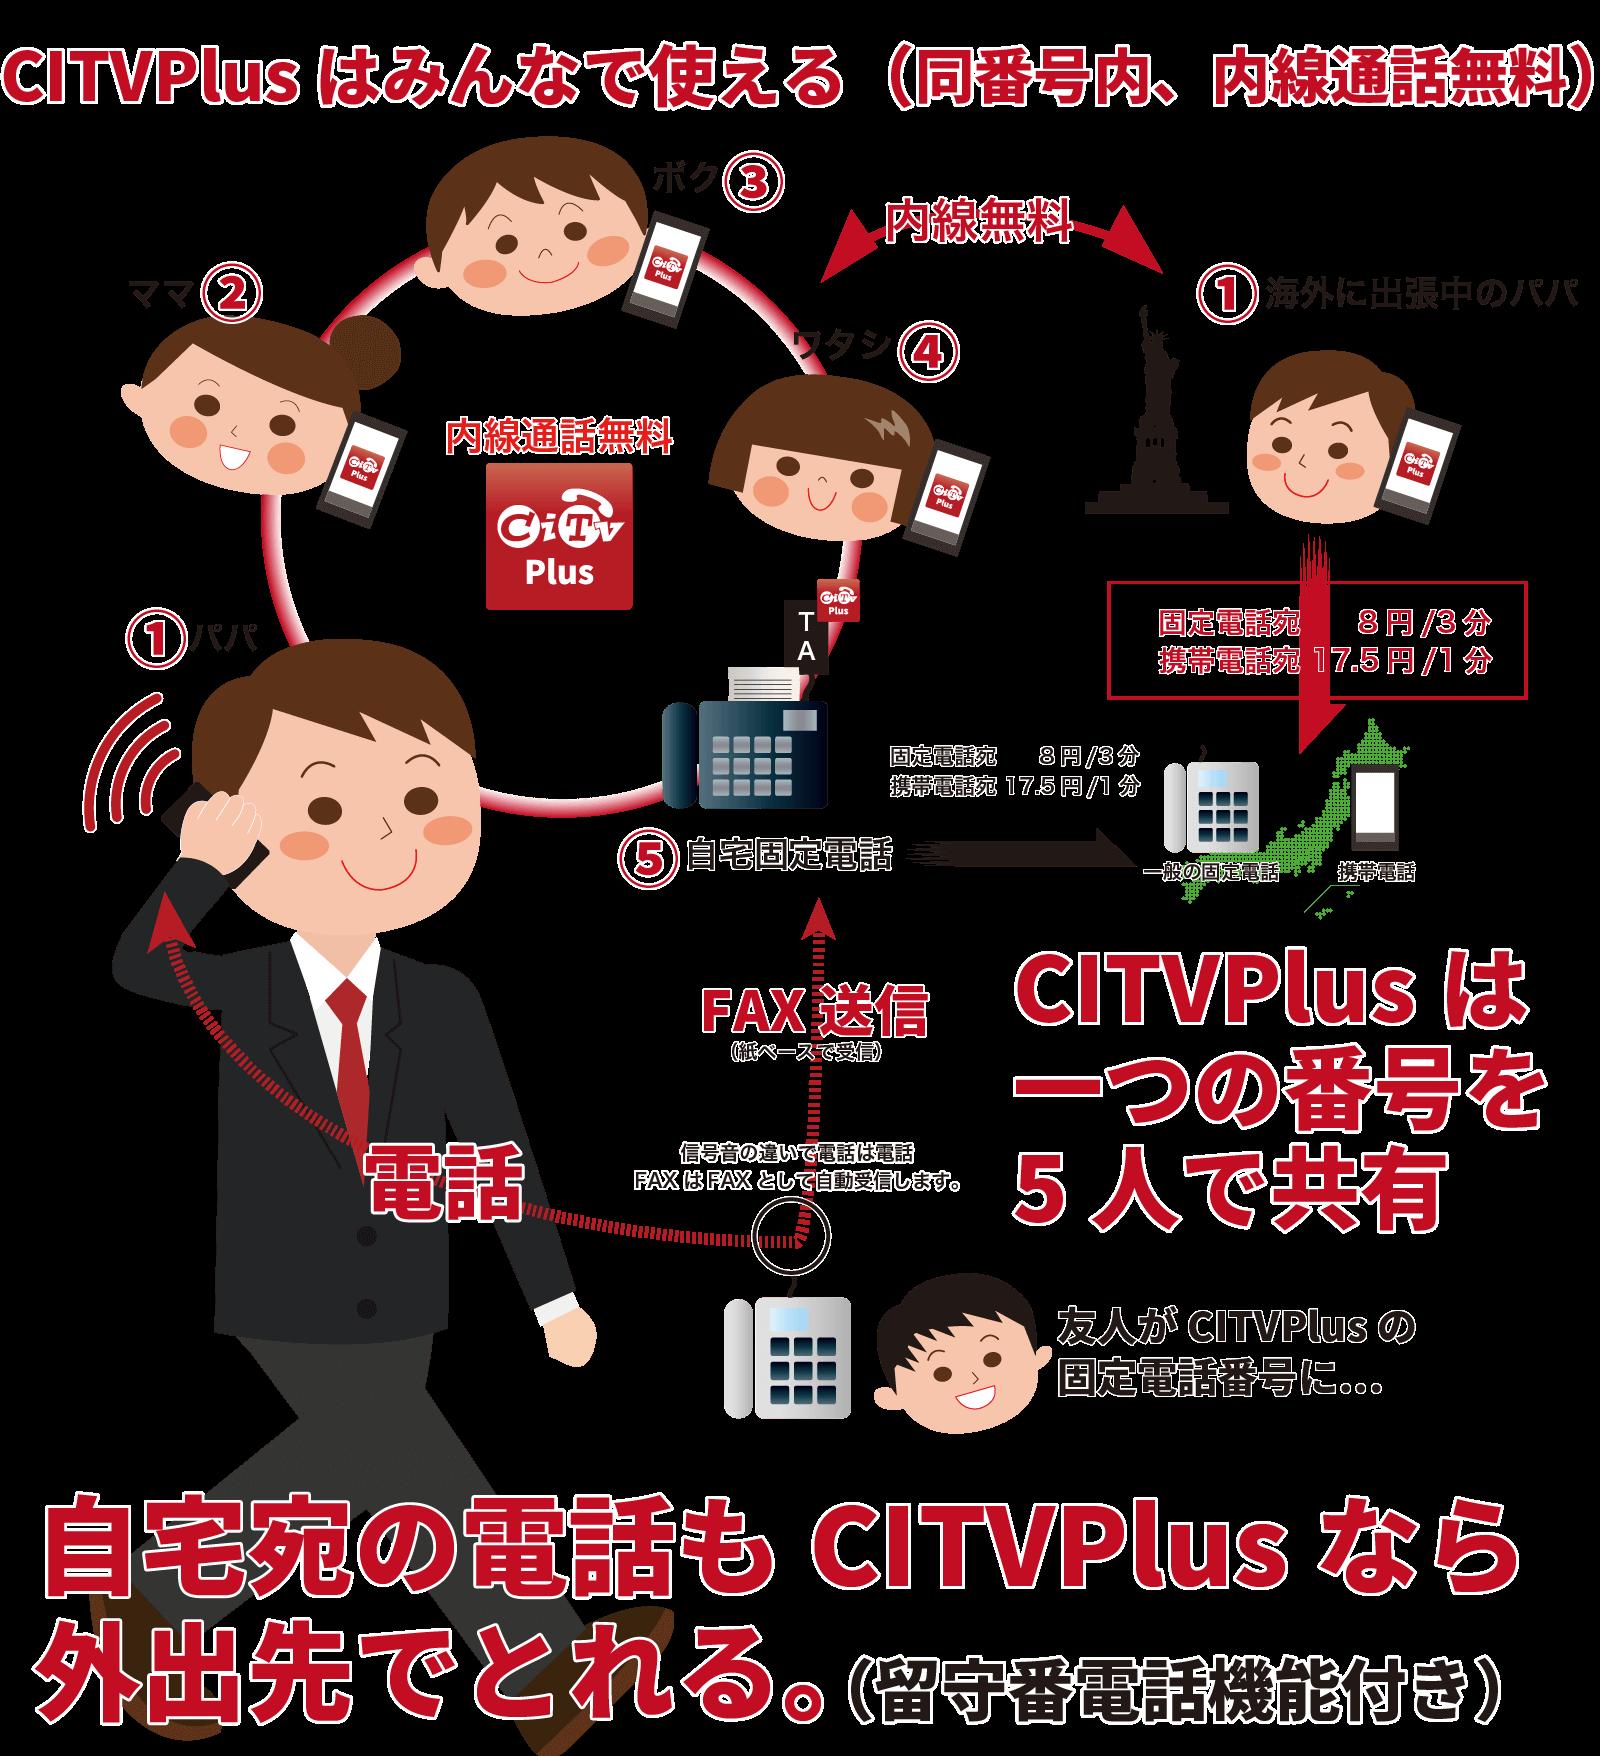 CITVPlusご利用イメージ